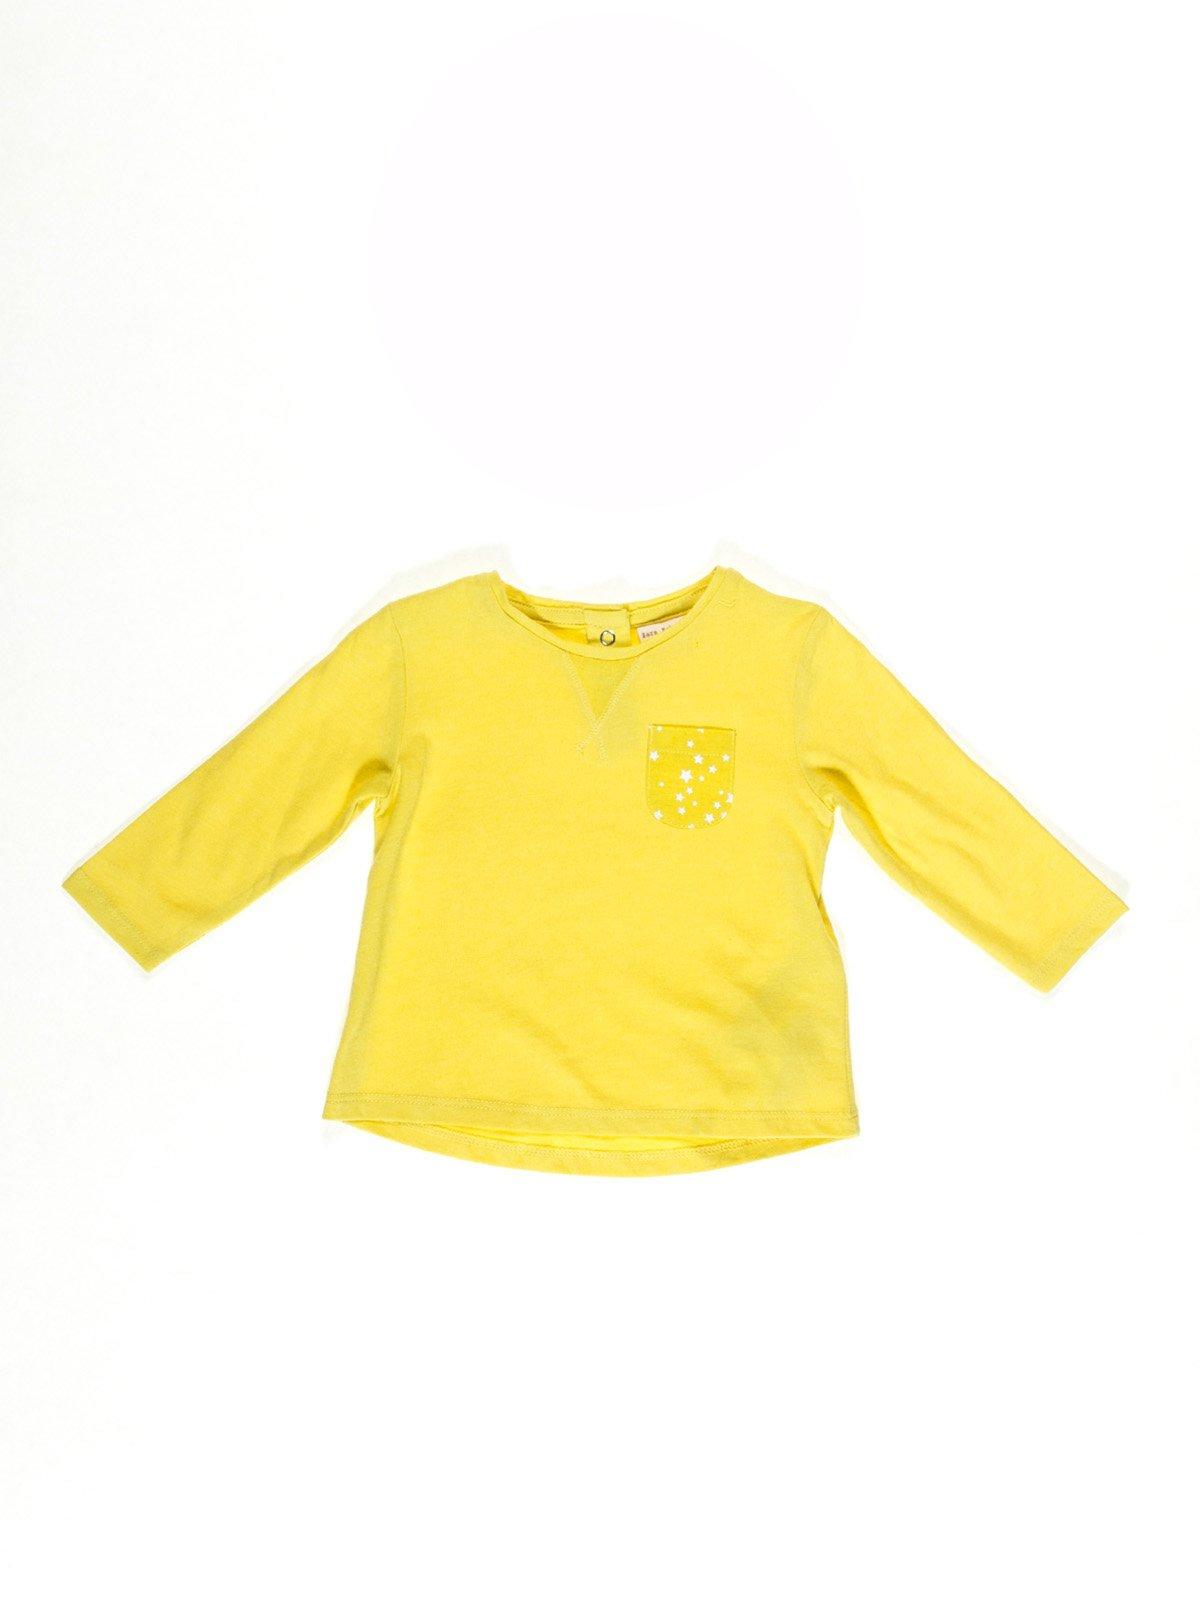 Лонгслив желтый с принтом | 2041608